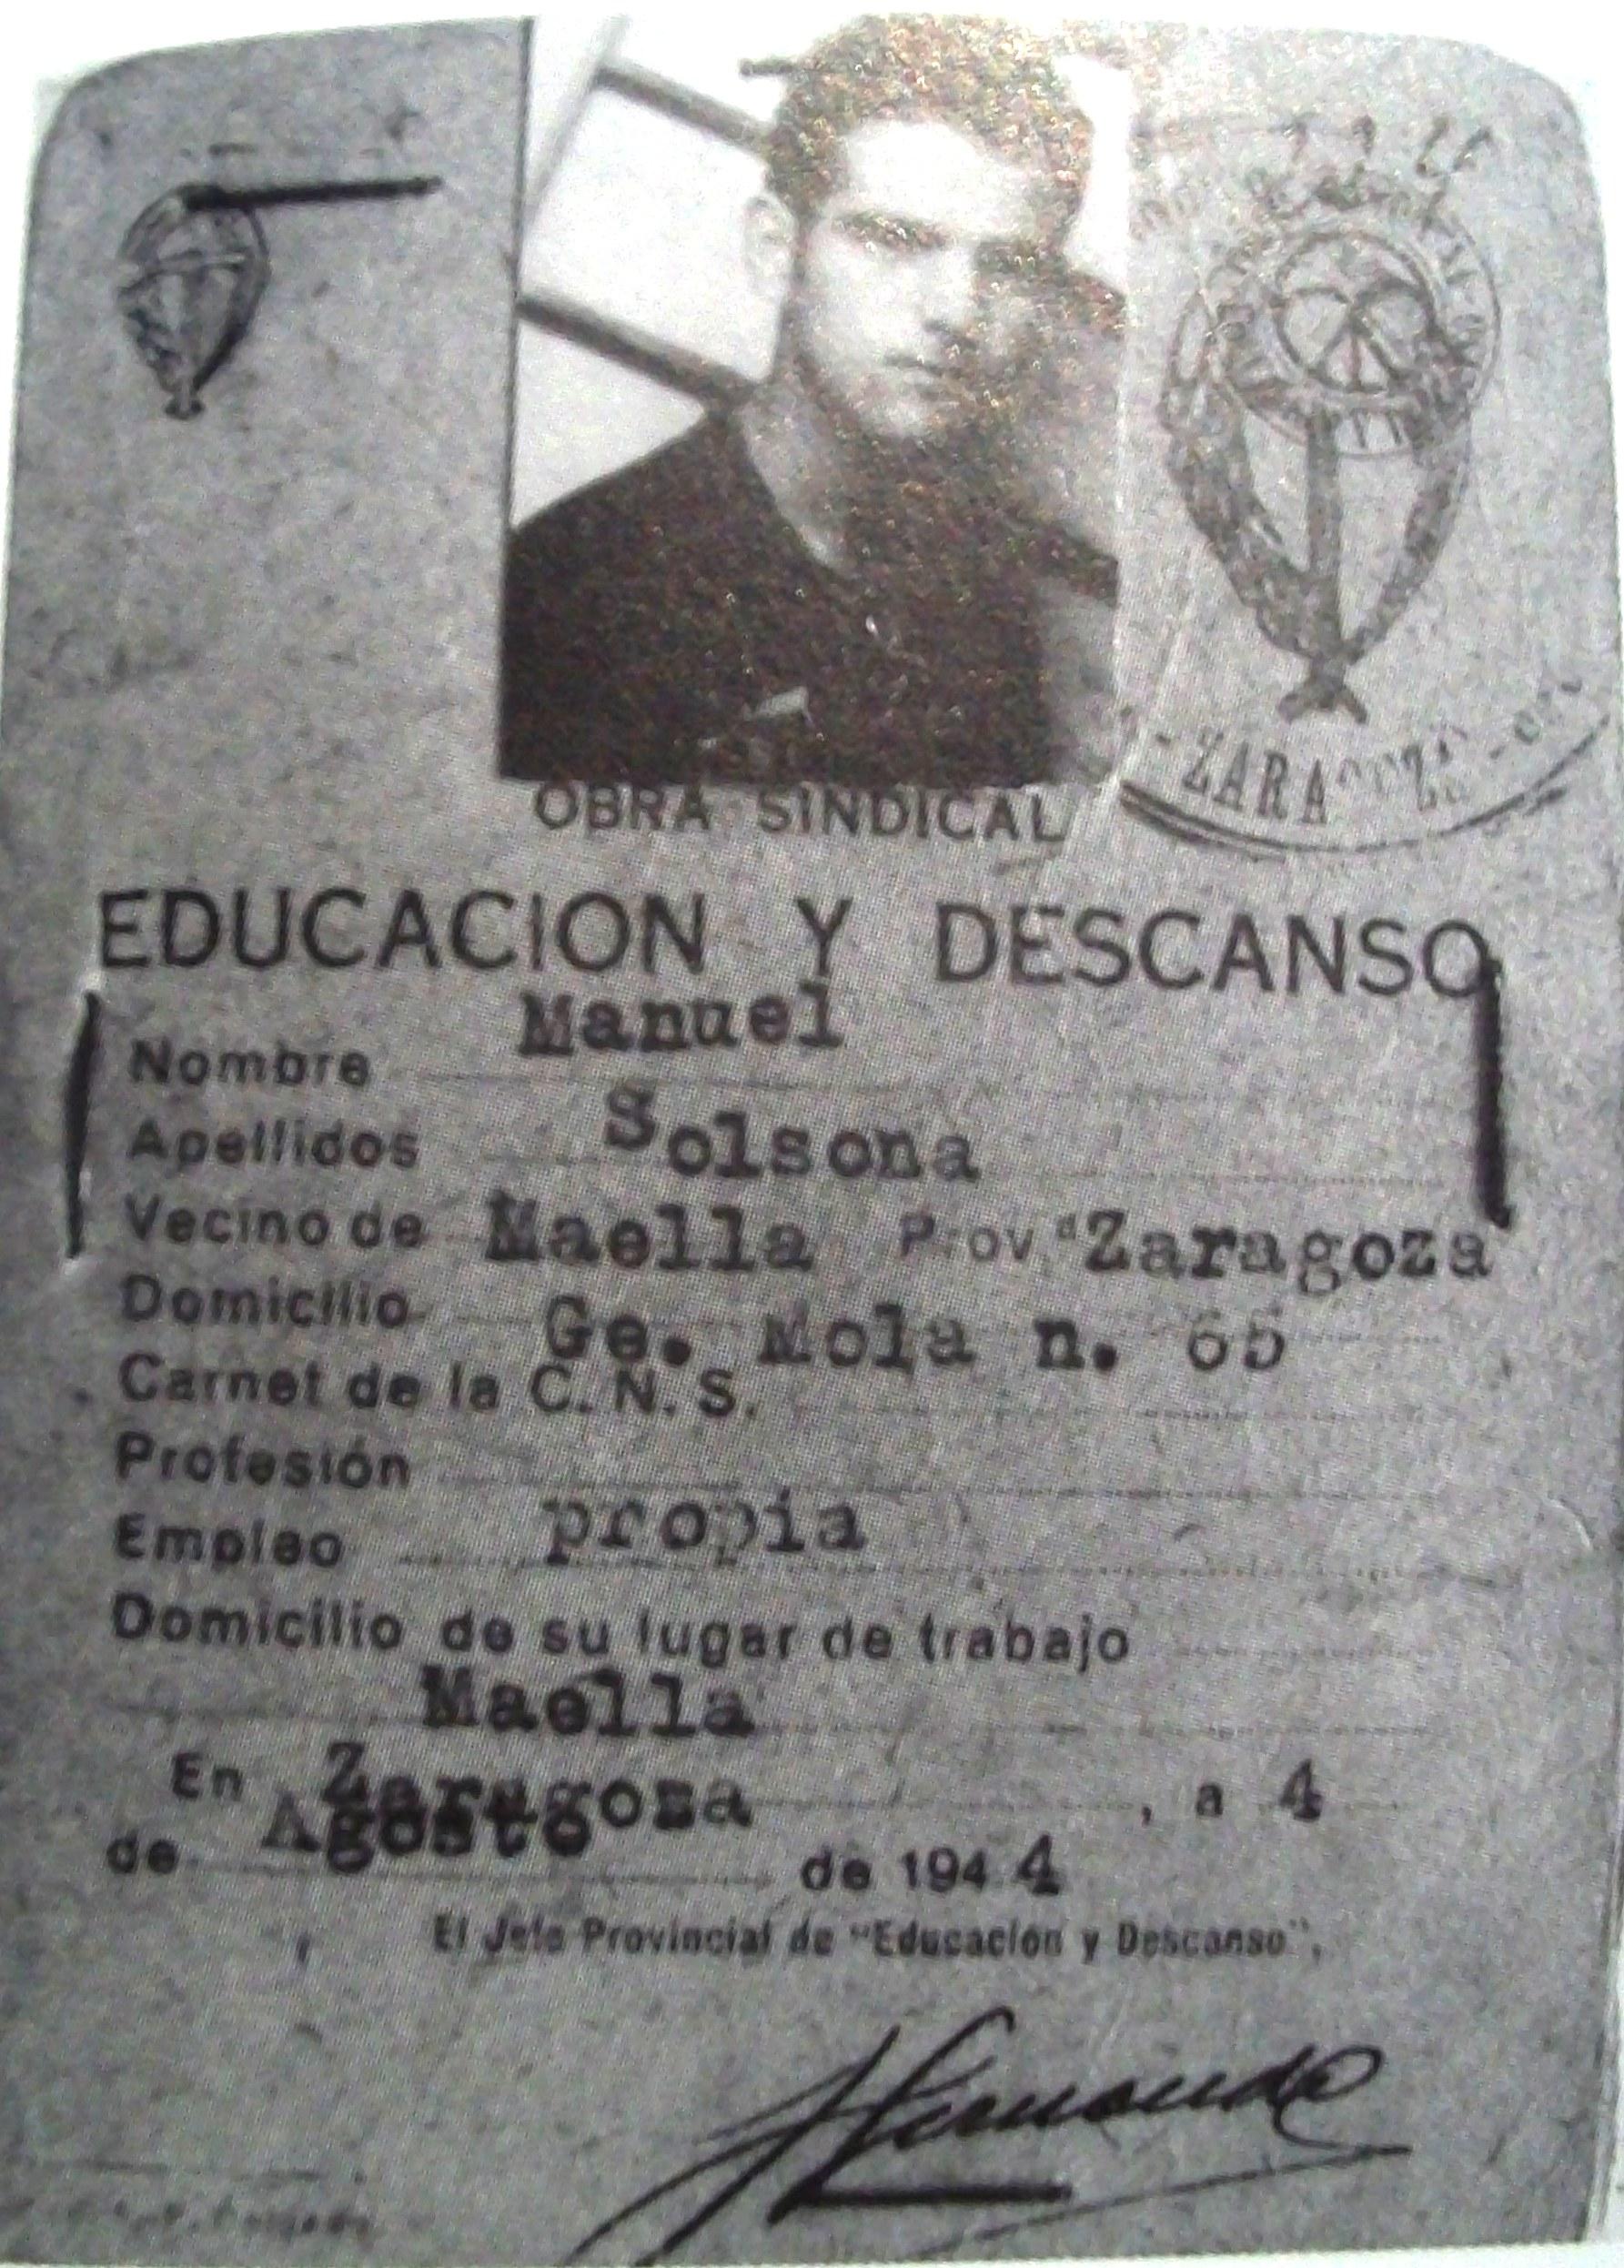 Documento de Manuel Solsona, ya infiltrado en falange.